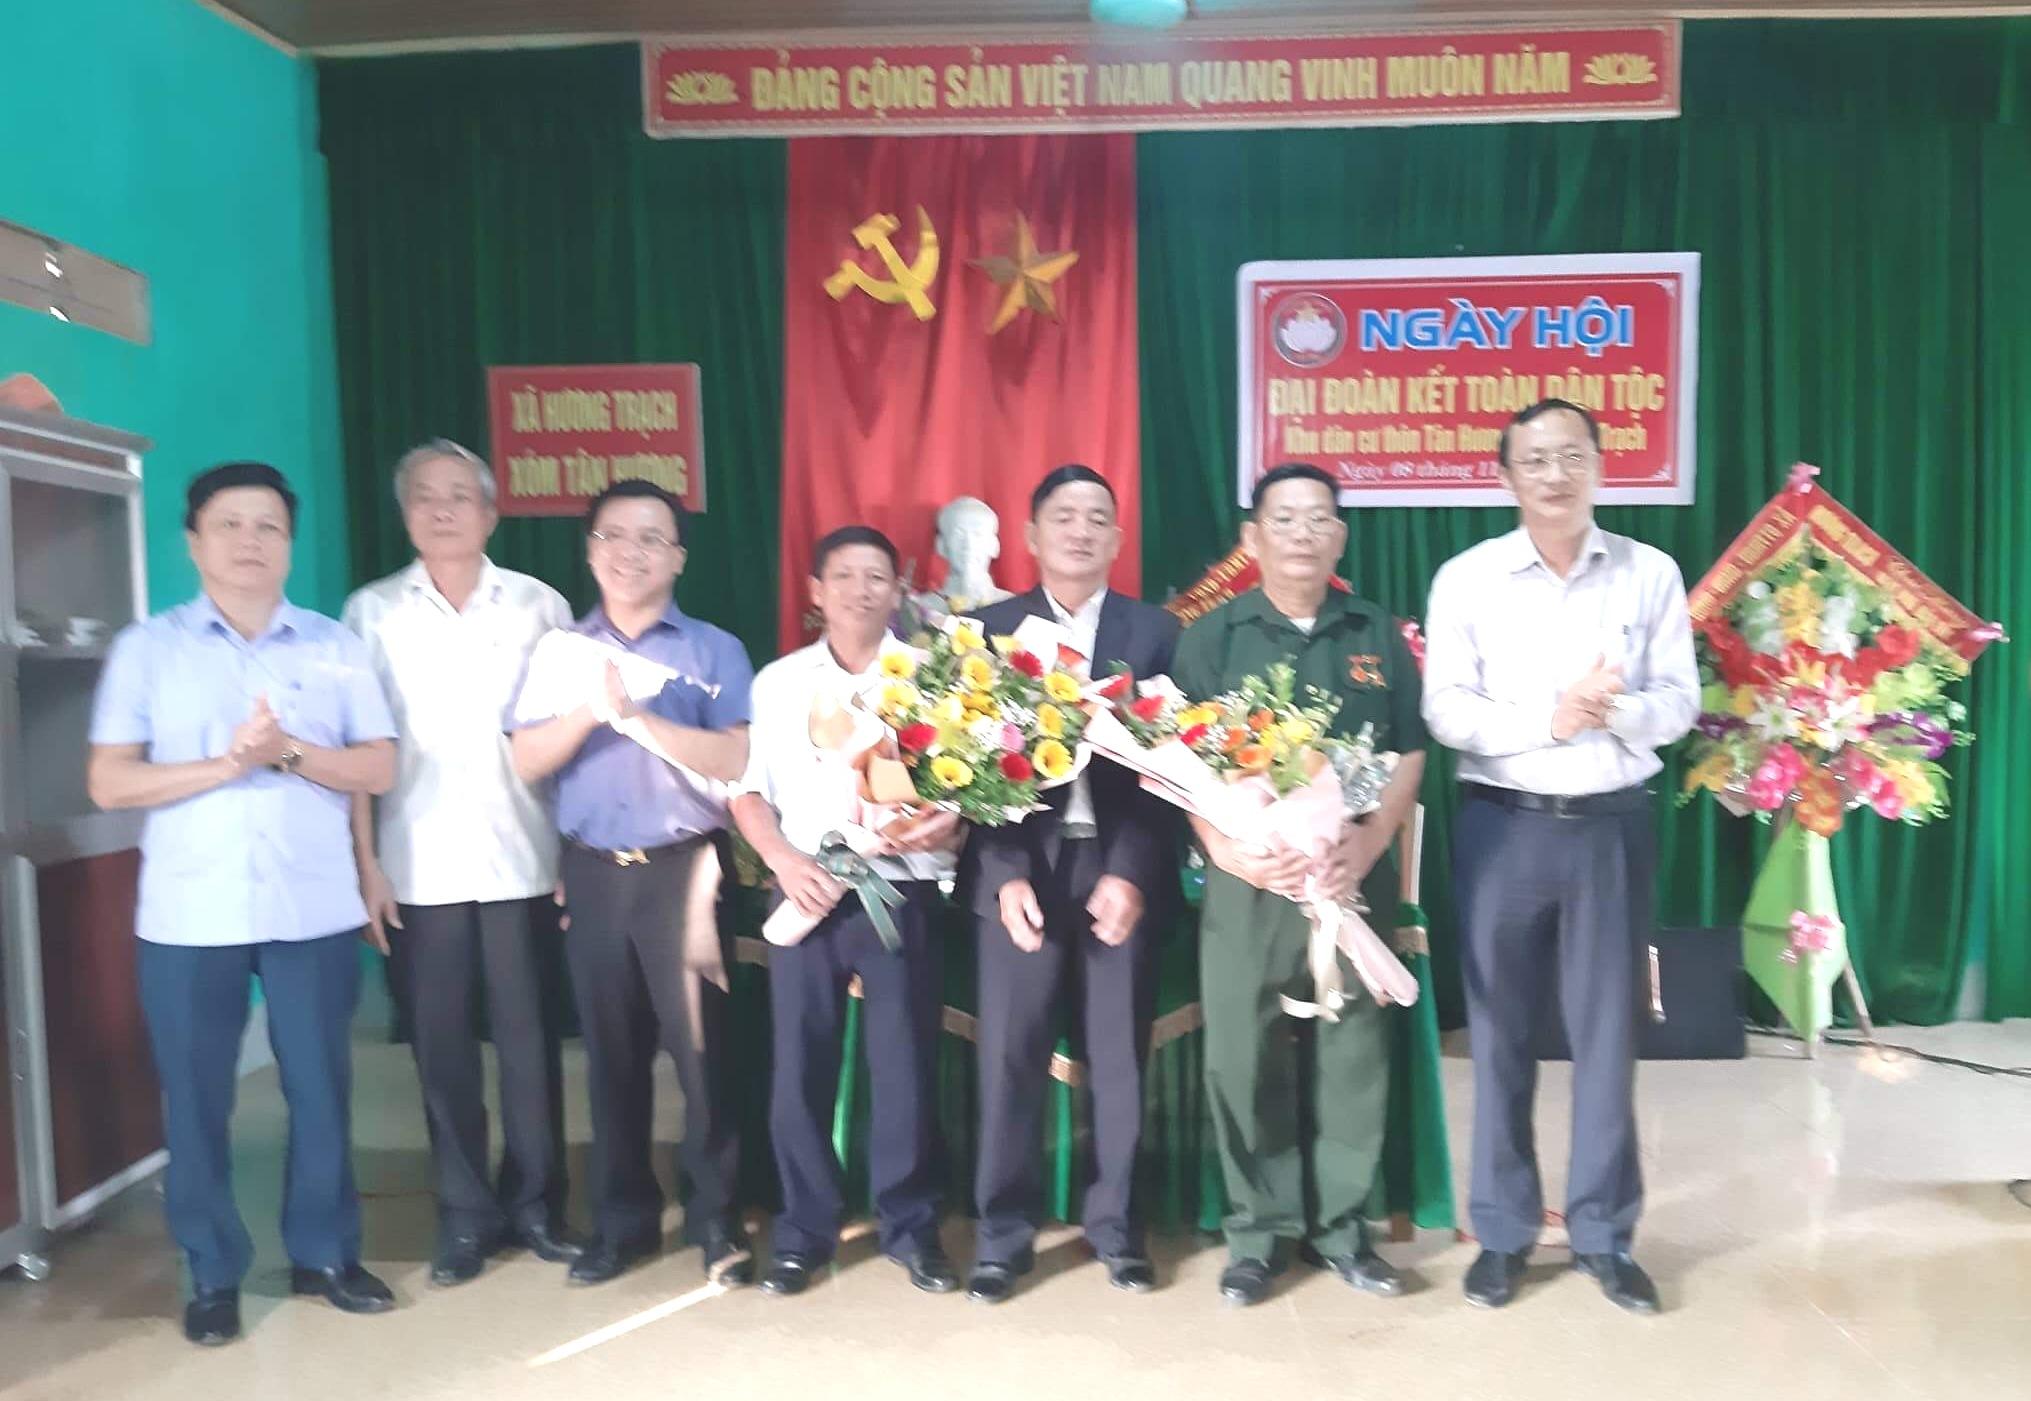 Phó chủ tịch UBND tỉnh Đặng Ngọc Sơn dự Ngày hội Đại đoàn kết tại thôn Tân Hương, xã Hương Trạch, huyện Hương Khê.